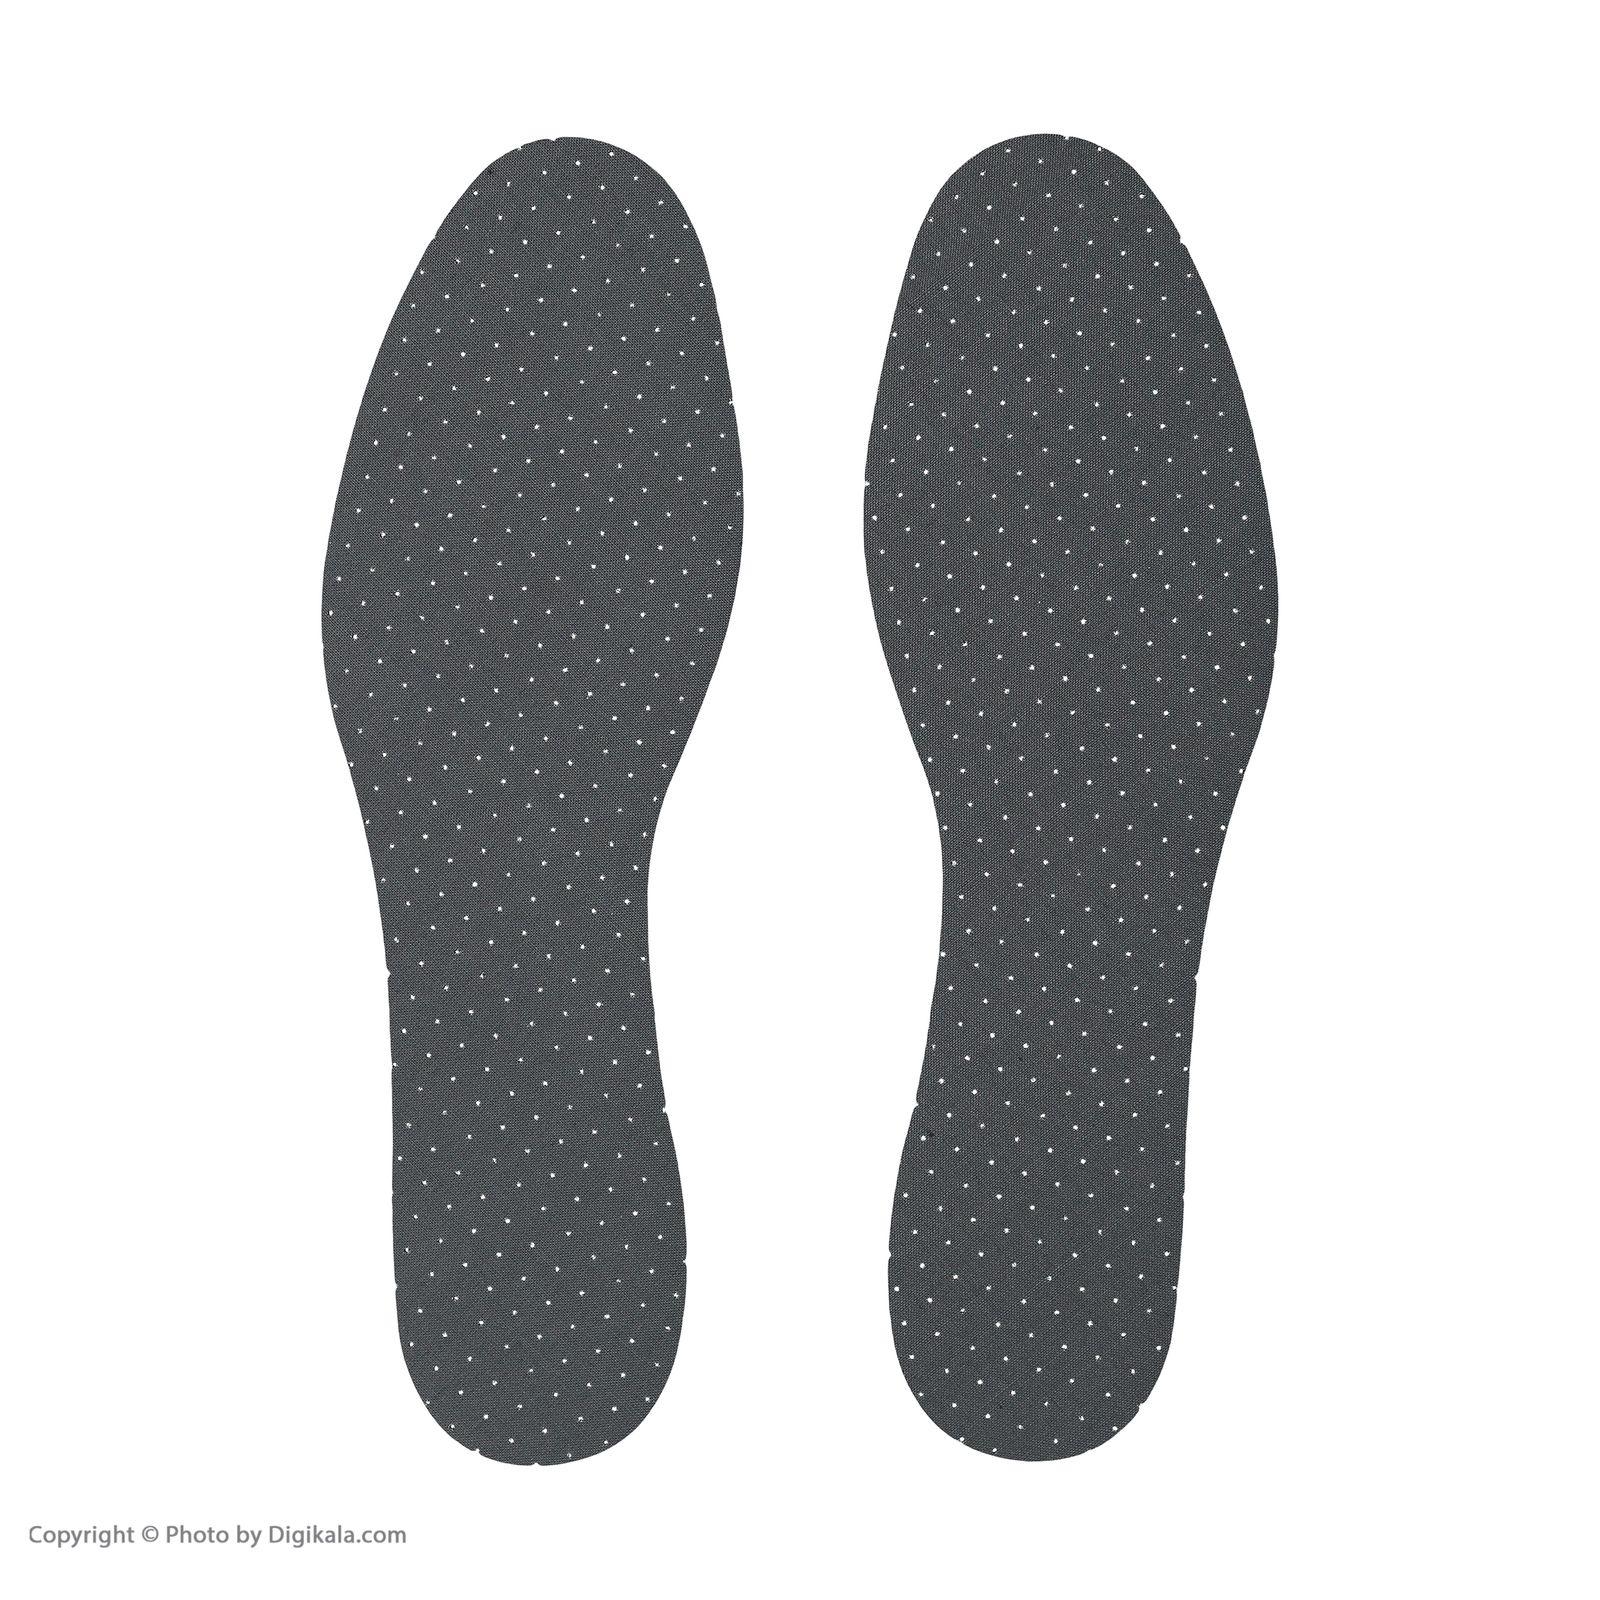 کفي کفش کوایمبرا مدل 1404043 سایز 43 -  - 4